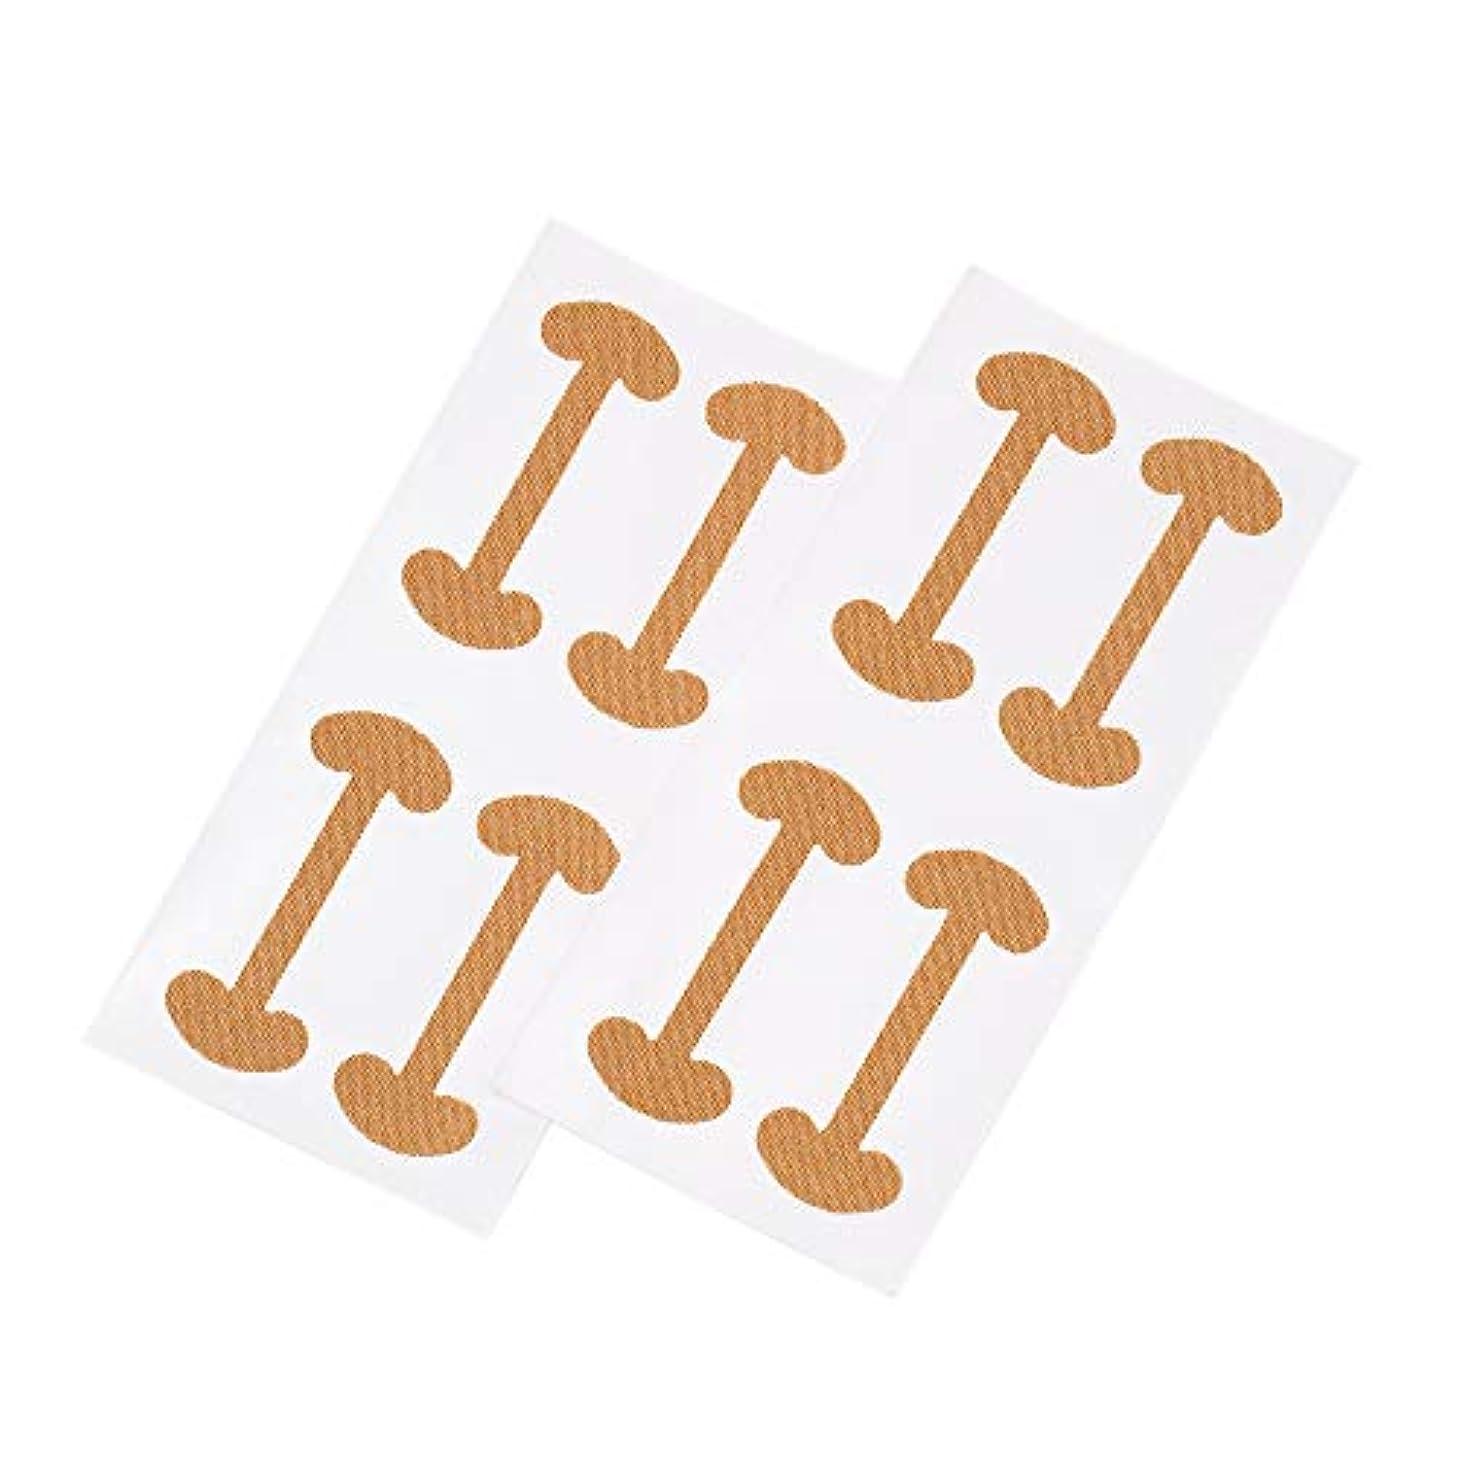 汚れた穿孔する石Decdeal 8ピース 巻き爪 ケアテープ まきずめ 矯正 巻きヅメ 矯正 爪の治療 爪の矯正パッチ 爪リフタ